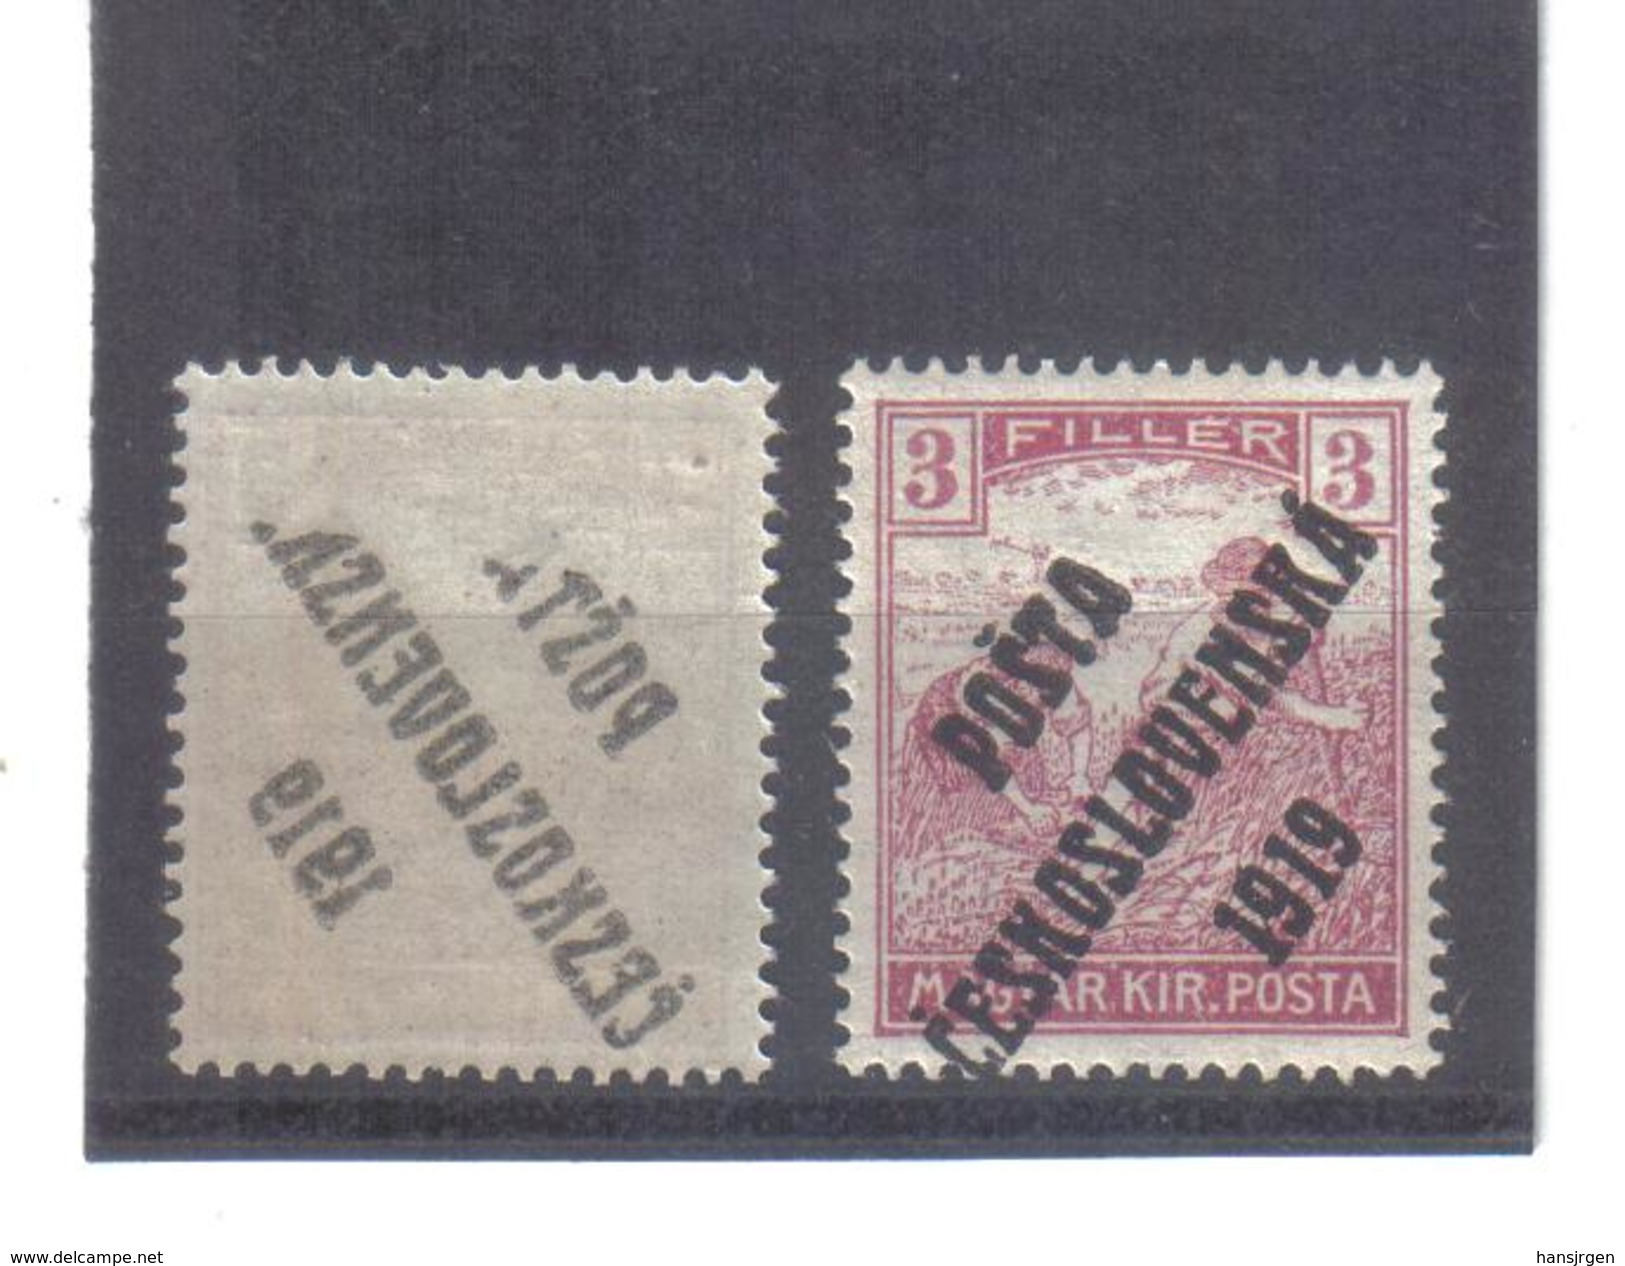 EIL358 TSCHECHOSLOWAKEI CSSR 1919 Michl 121 ABKLATSCH  **  Siehe ABBILDUNG - Tschechoslowakei/CSSR